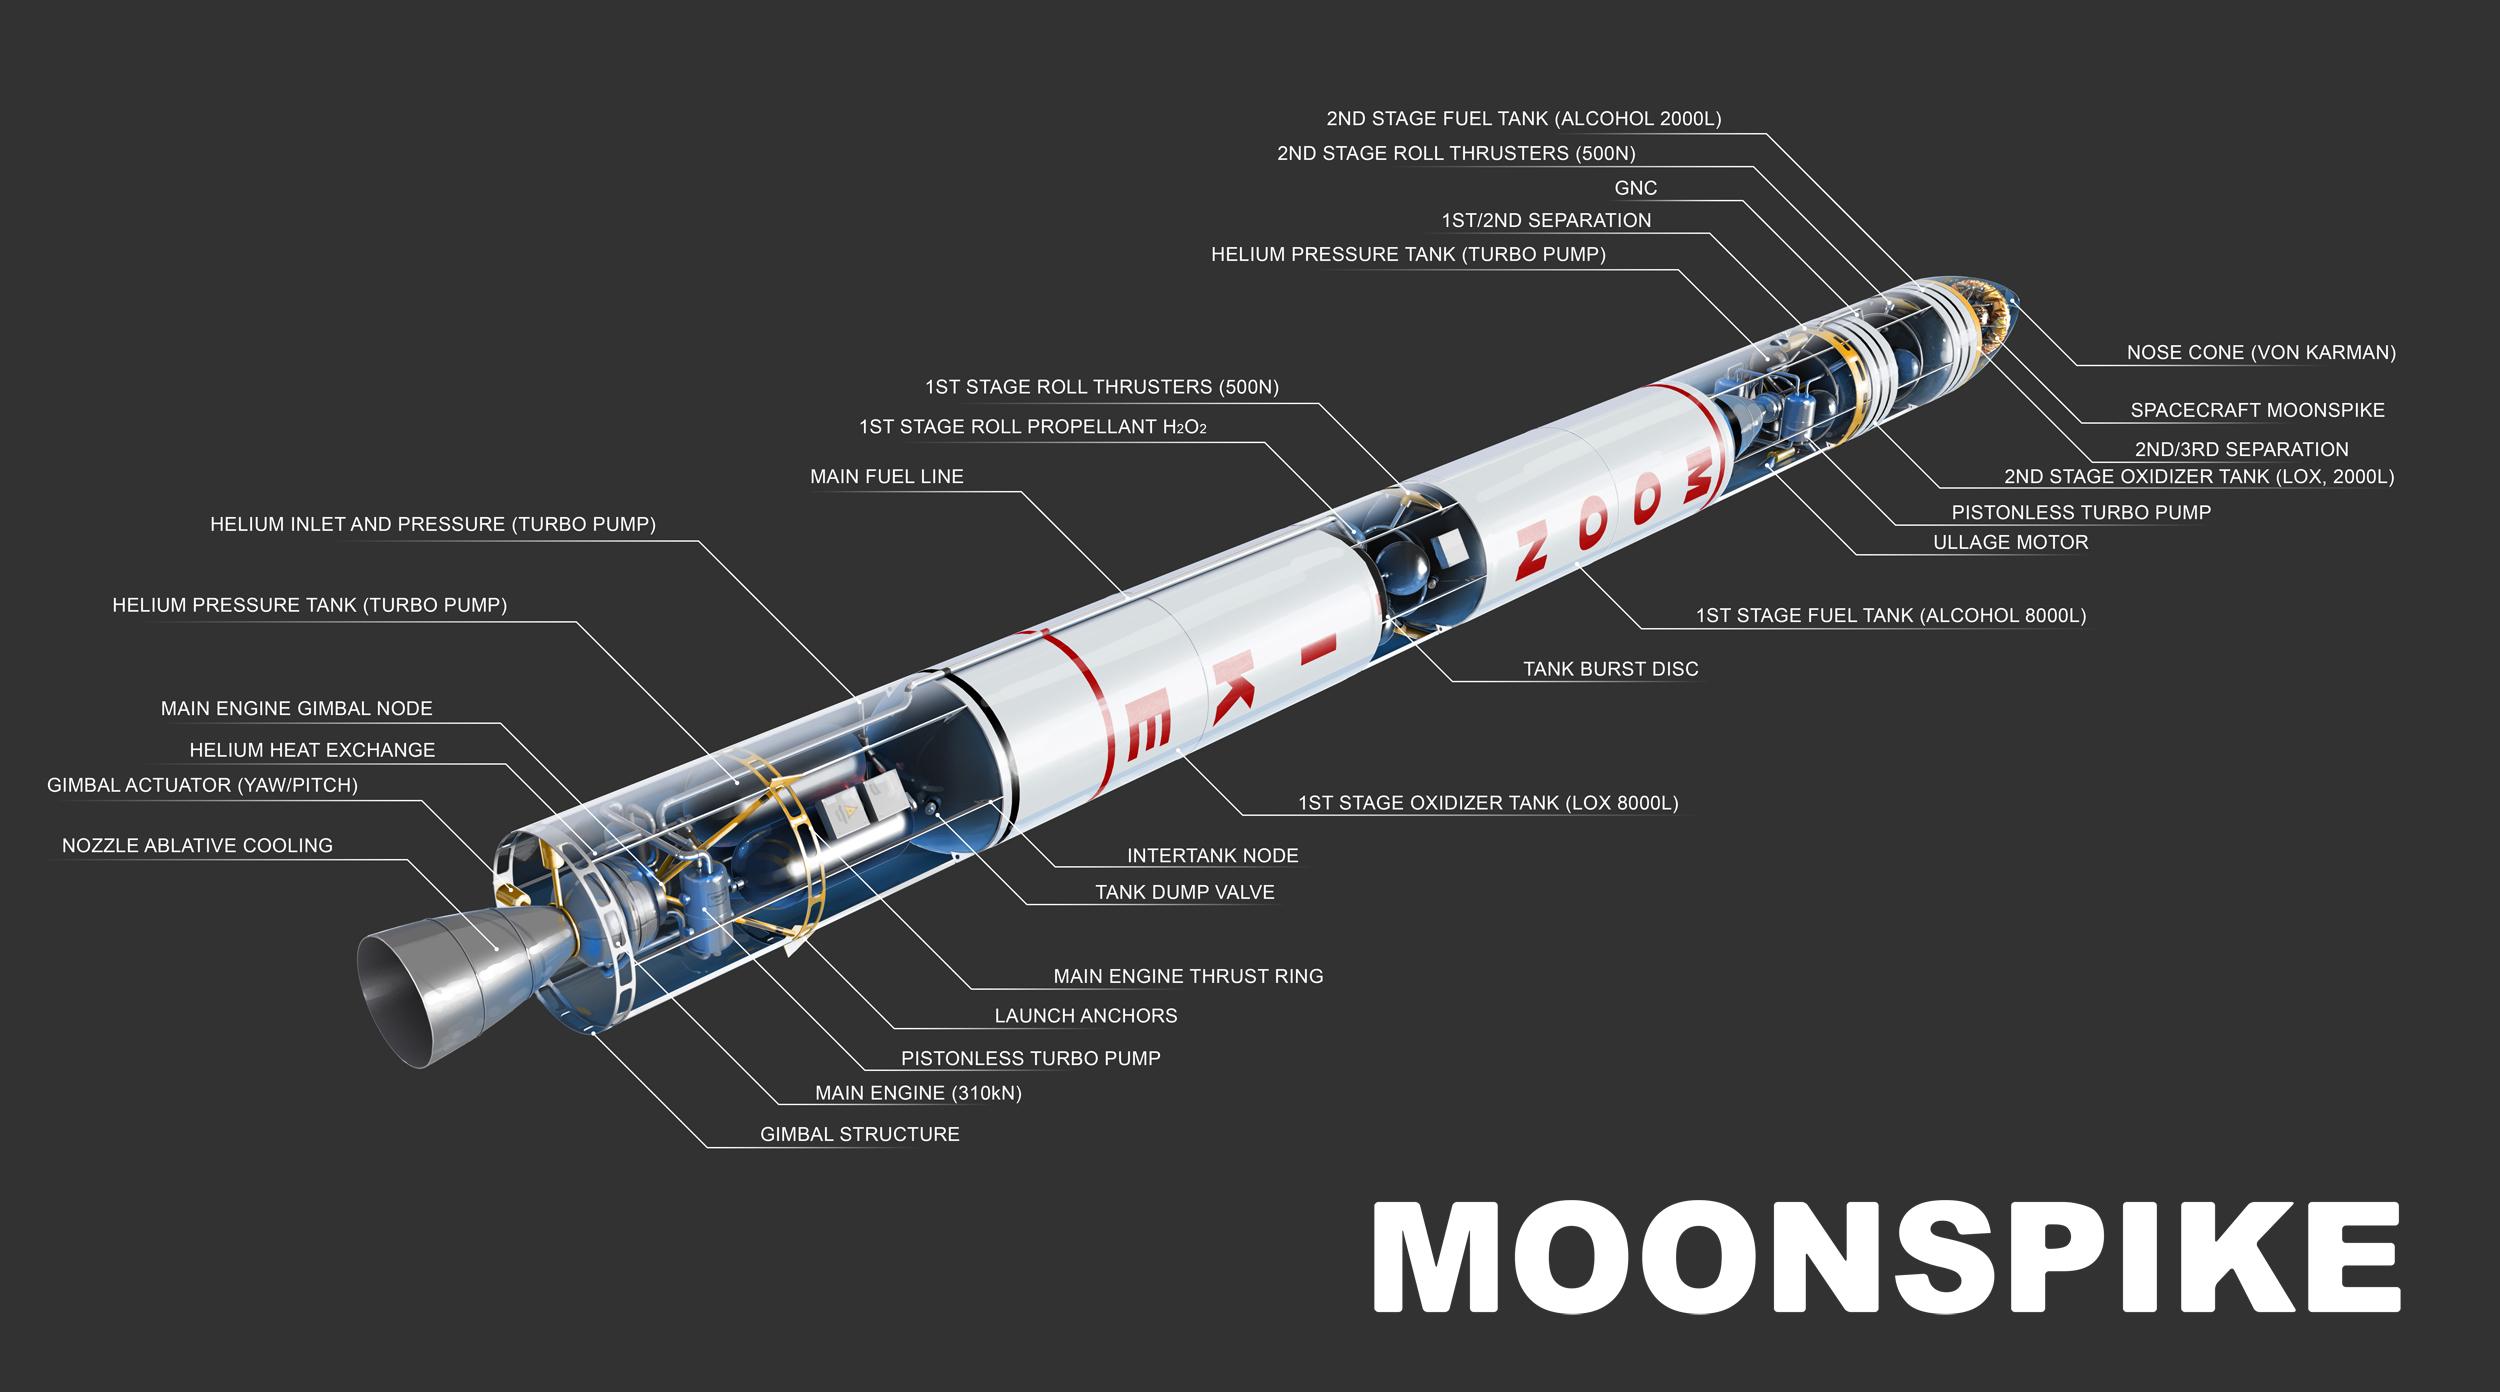 moonspike_rockettext01